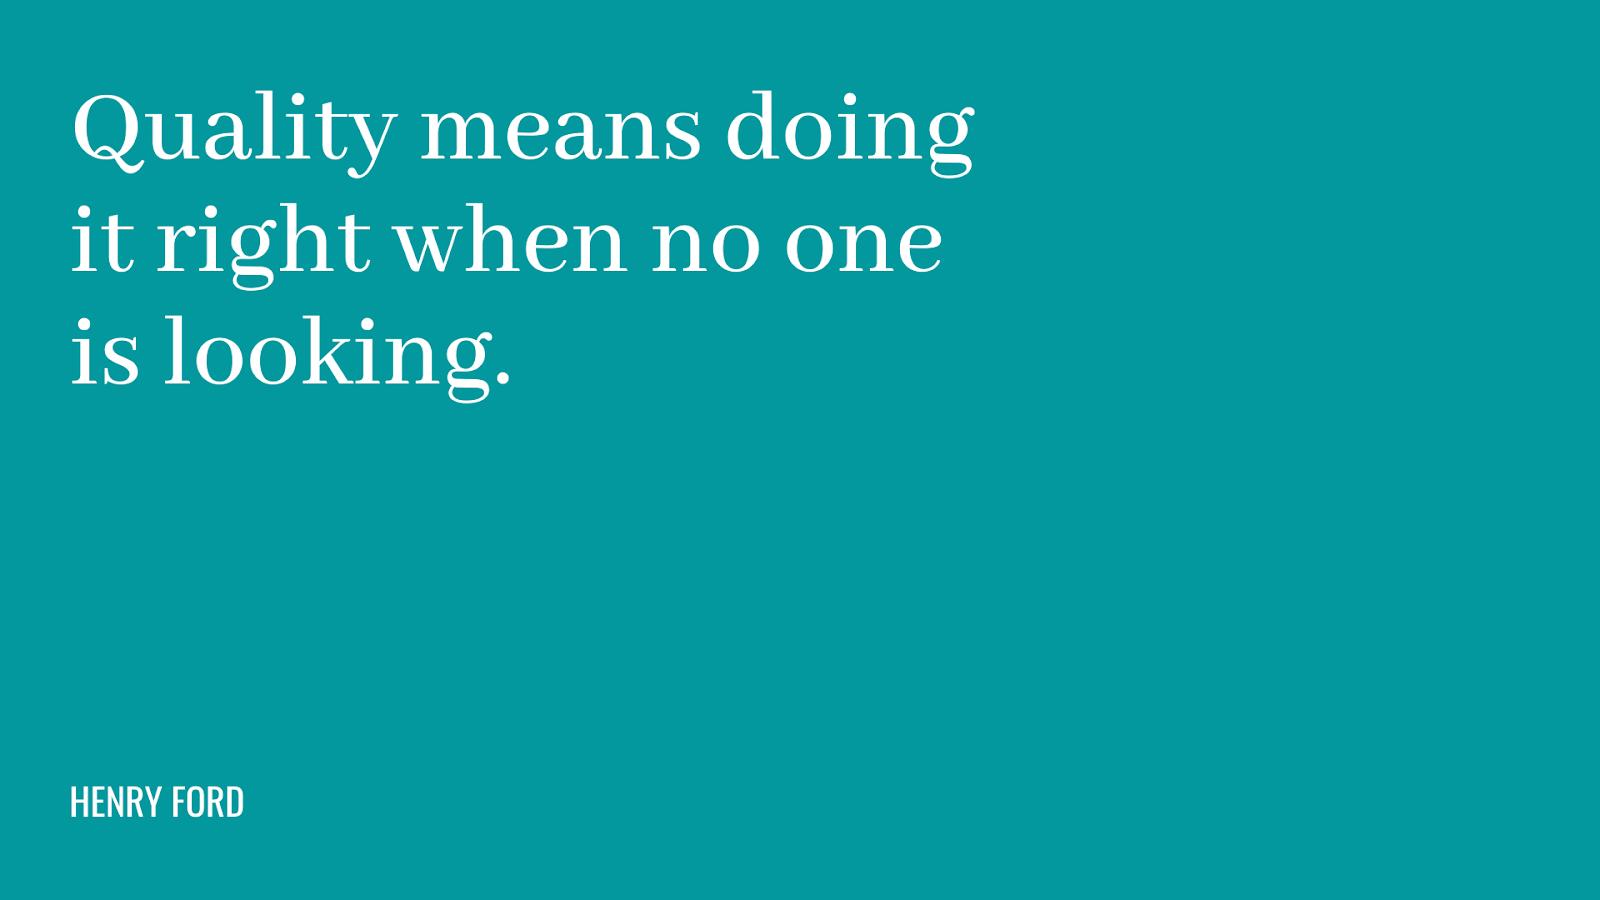 Cita: la calidad significa hacerlo bien cuando nadie está mirando